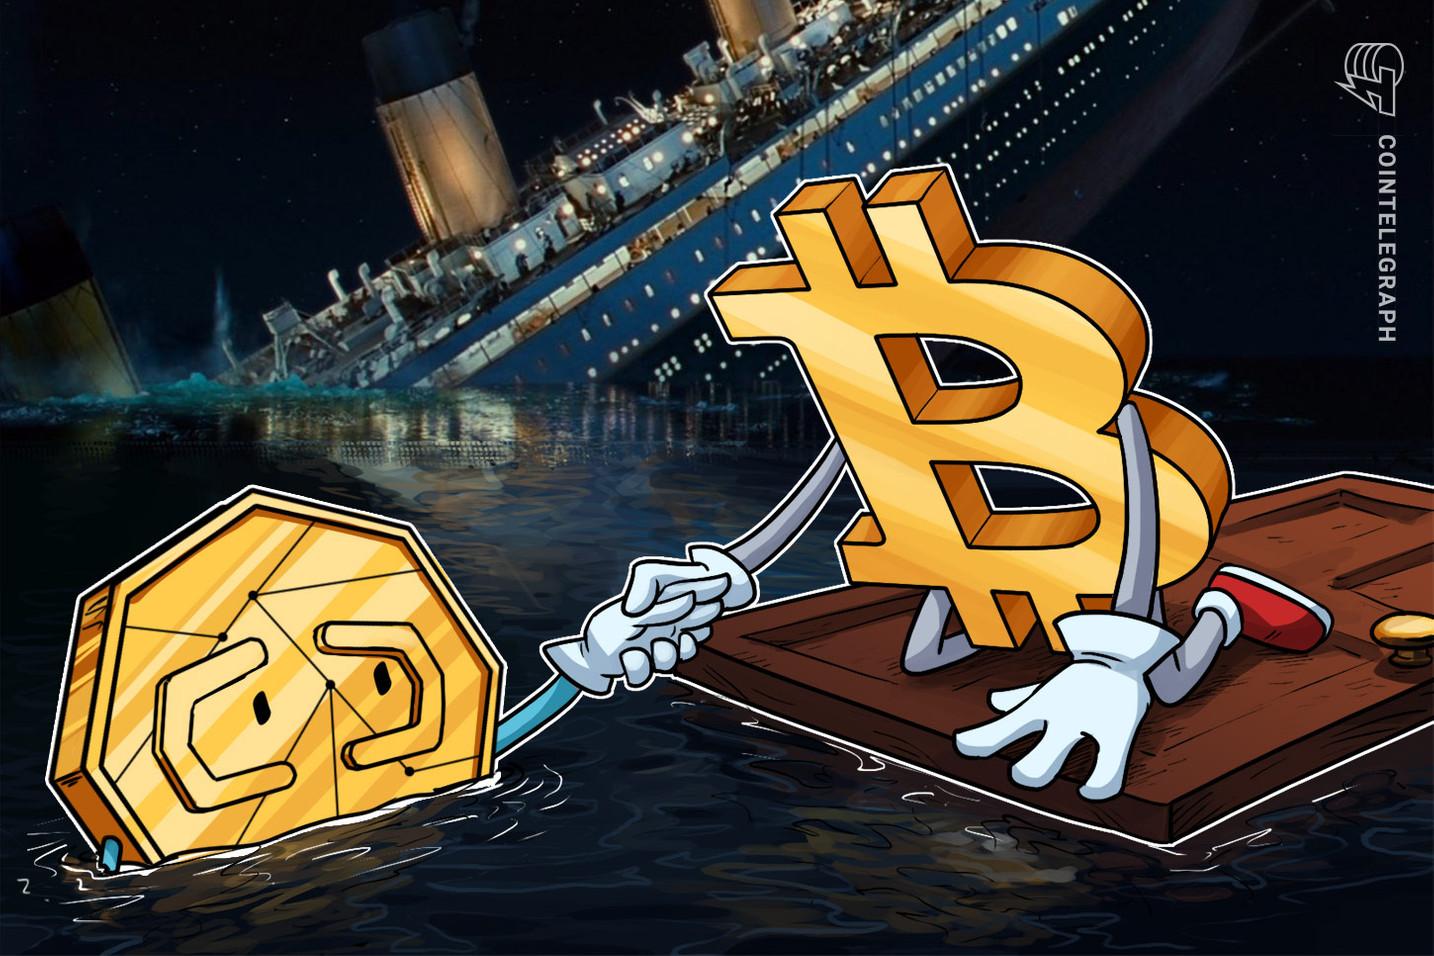 Bitcoin wieder über 13.000 US-Dollar, Monatsrekord könnte zu neuen Höhen führen